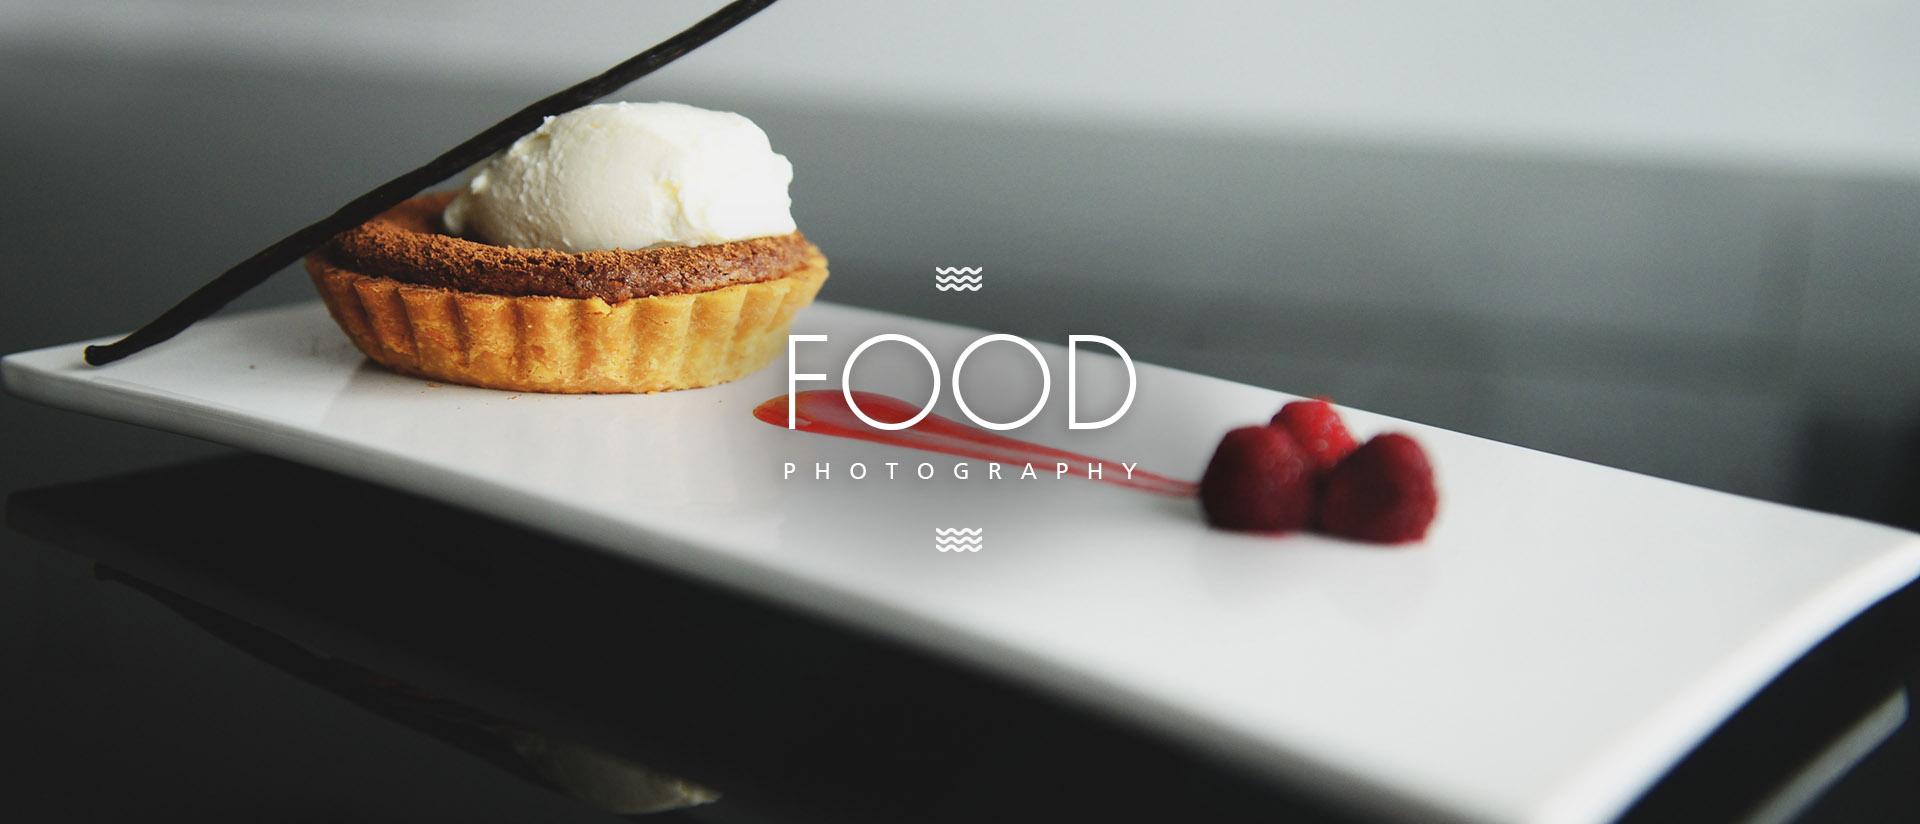 HOME_2food.jpg